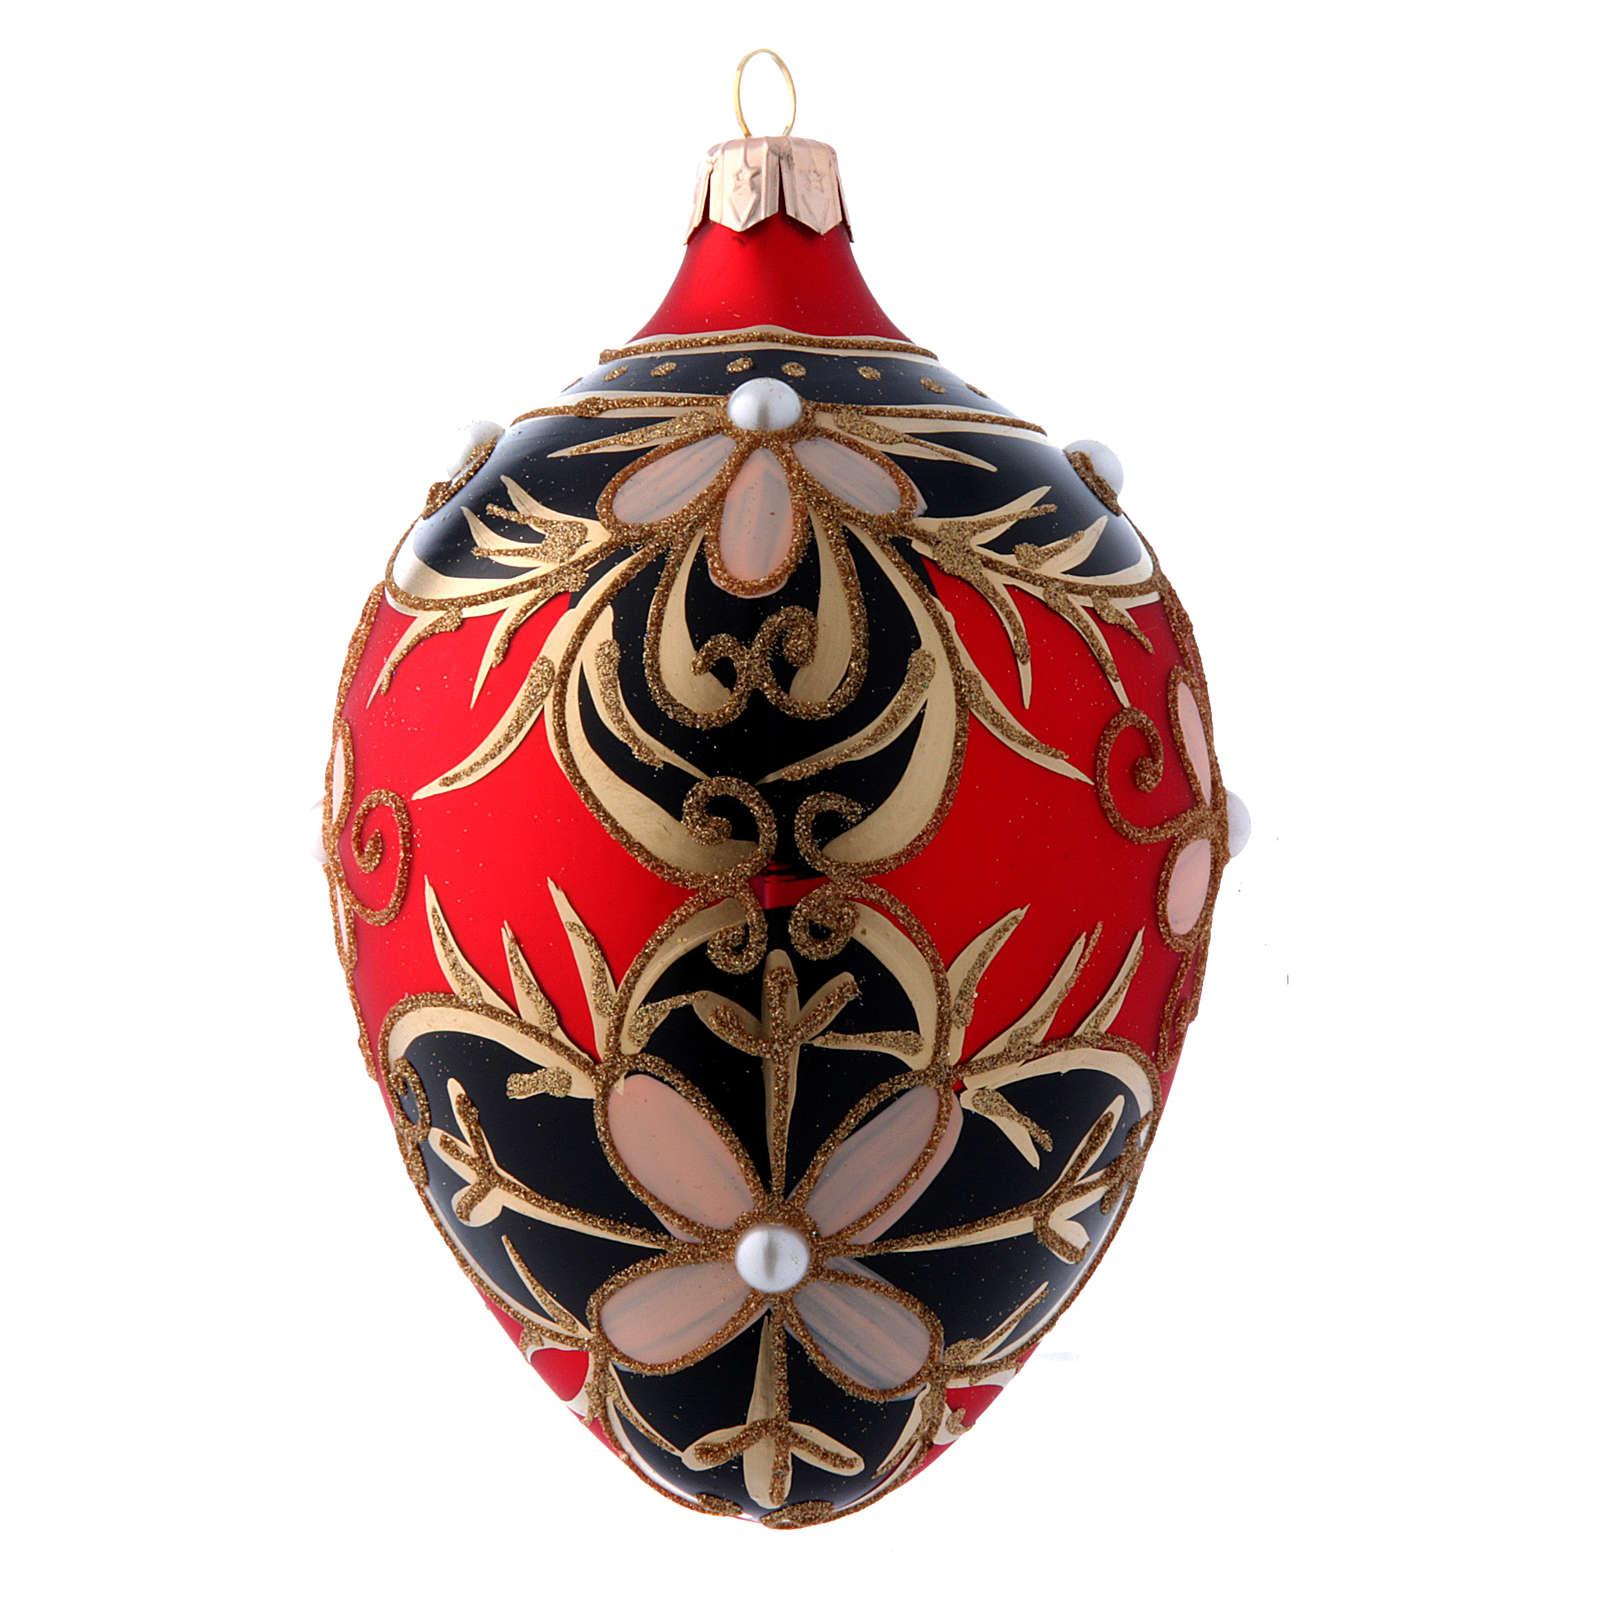 Adorno Árbol de Navidad forma huevo vidrio soplado oro, negro, rojo 130 mm 4